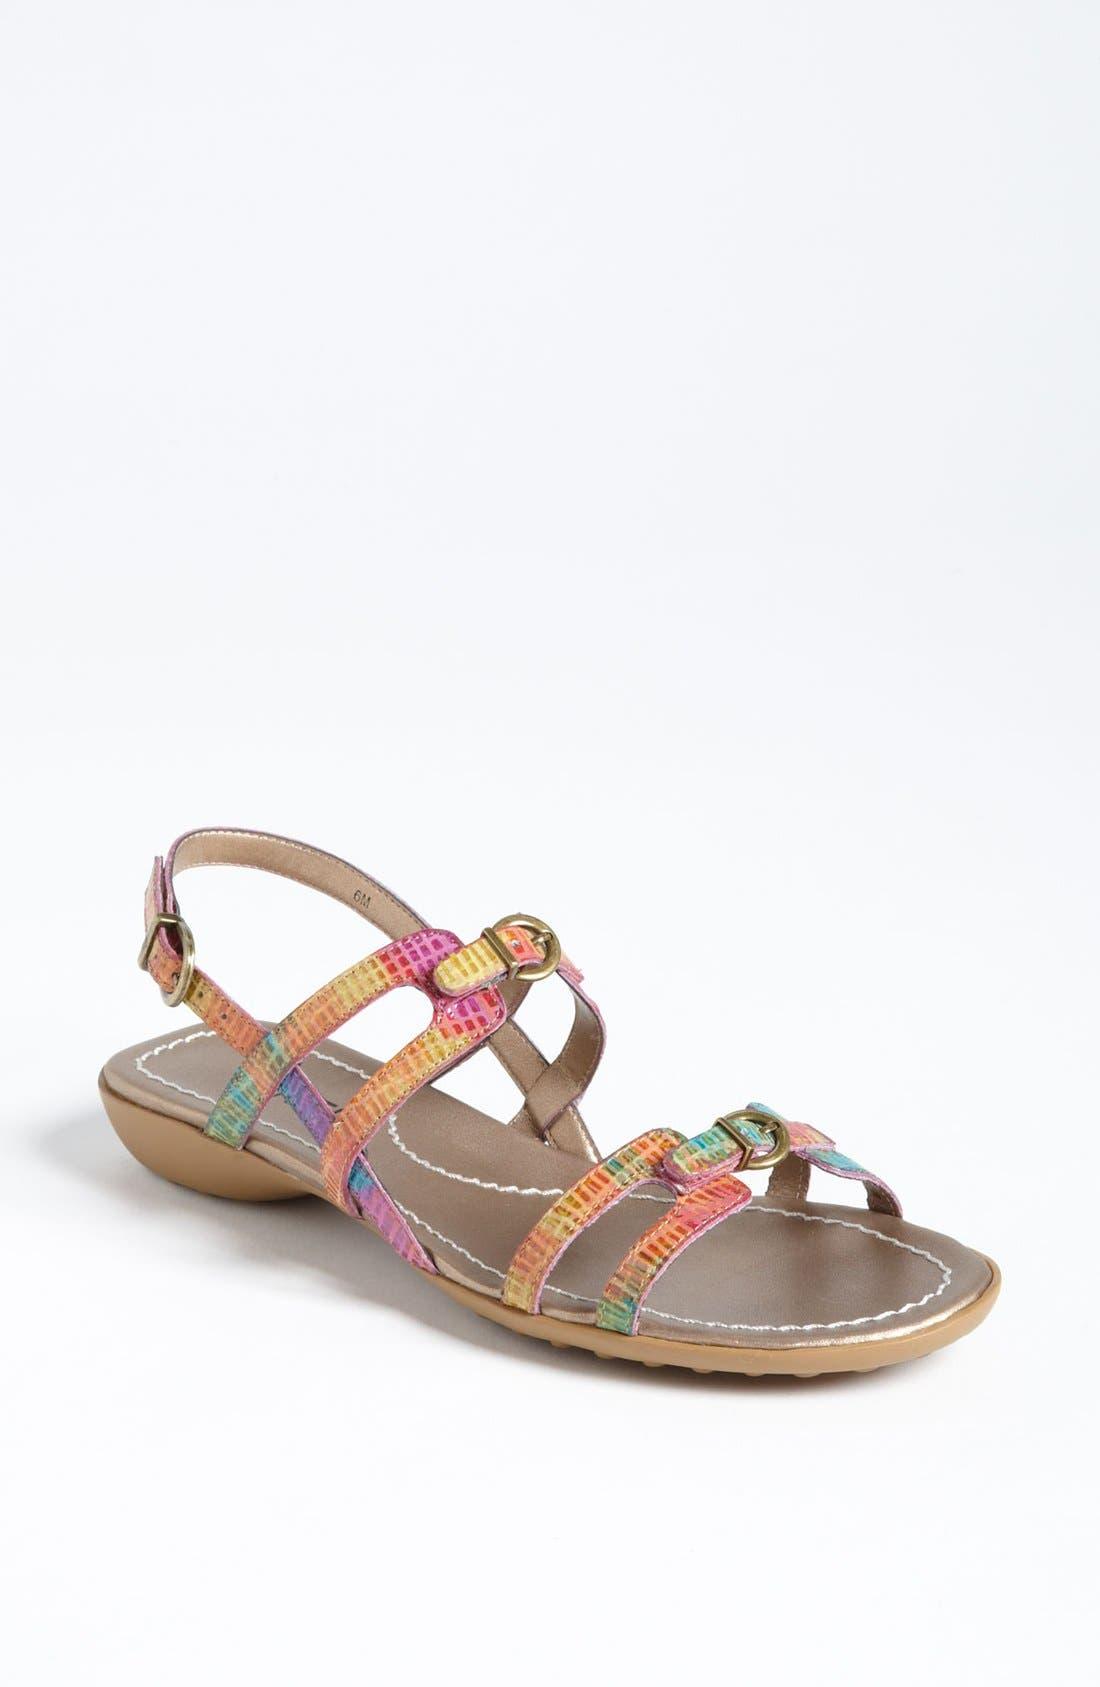 Main Image - VANELi 'Tagus' Sandal